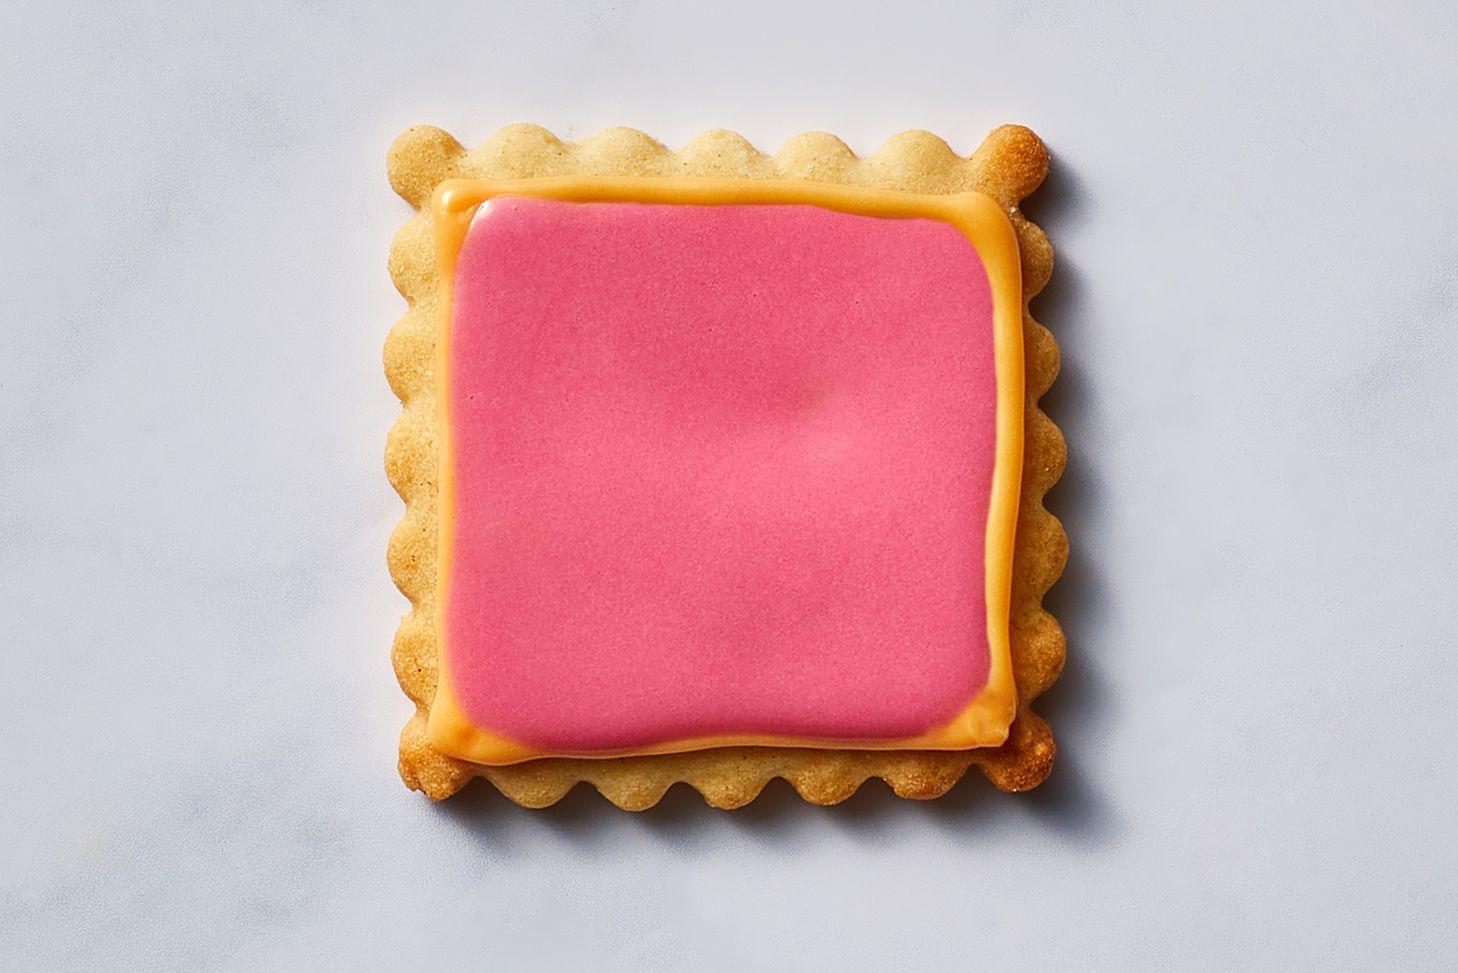 Ice Sugar Cookies